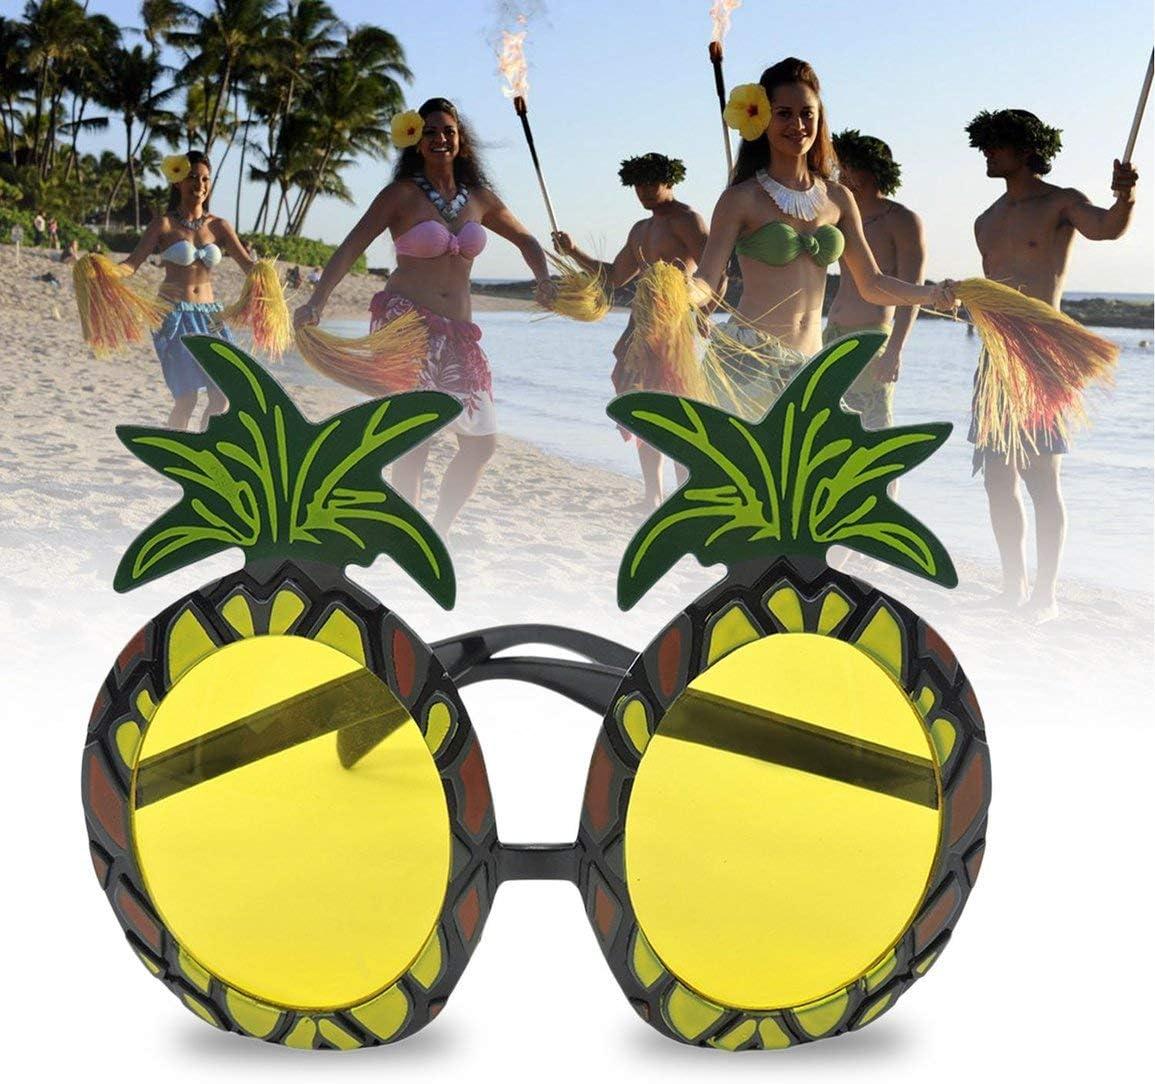 LouiseEvel215 Nouveaut/é Hawaiian Beach Style Dr/ôle Ananas Forme Lunettes de Soleil Lunettes de Protection pour D/éguisements Party Event Fournitures